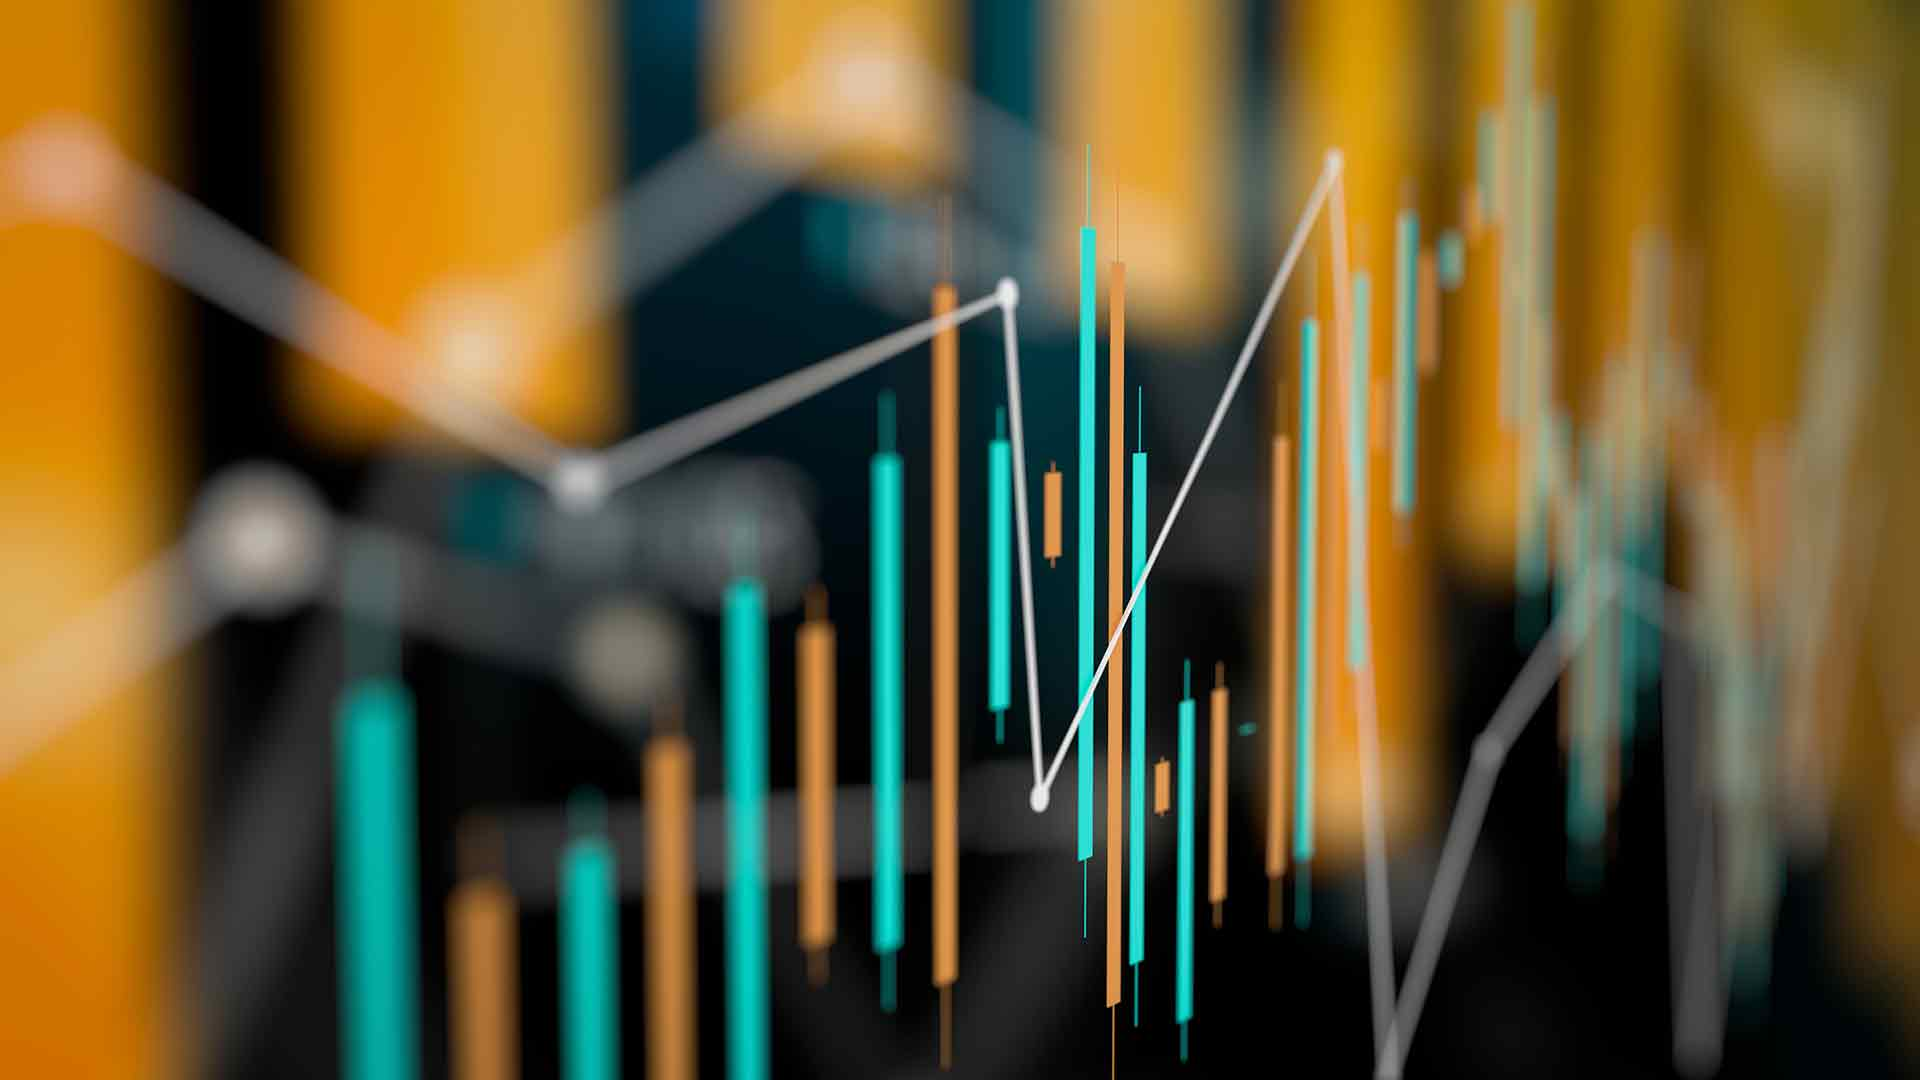 Hur mycket har börsen gått upp i genomsnitt?